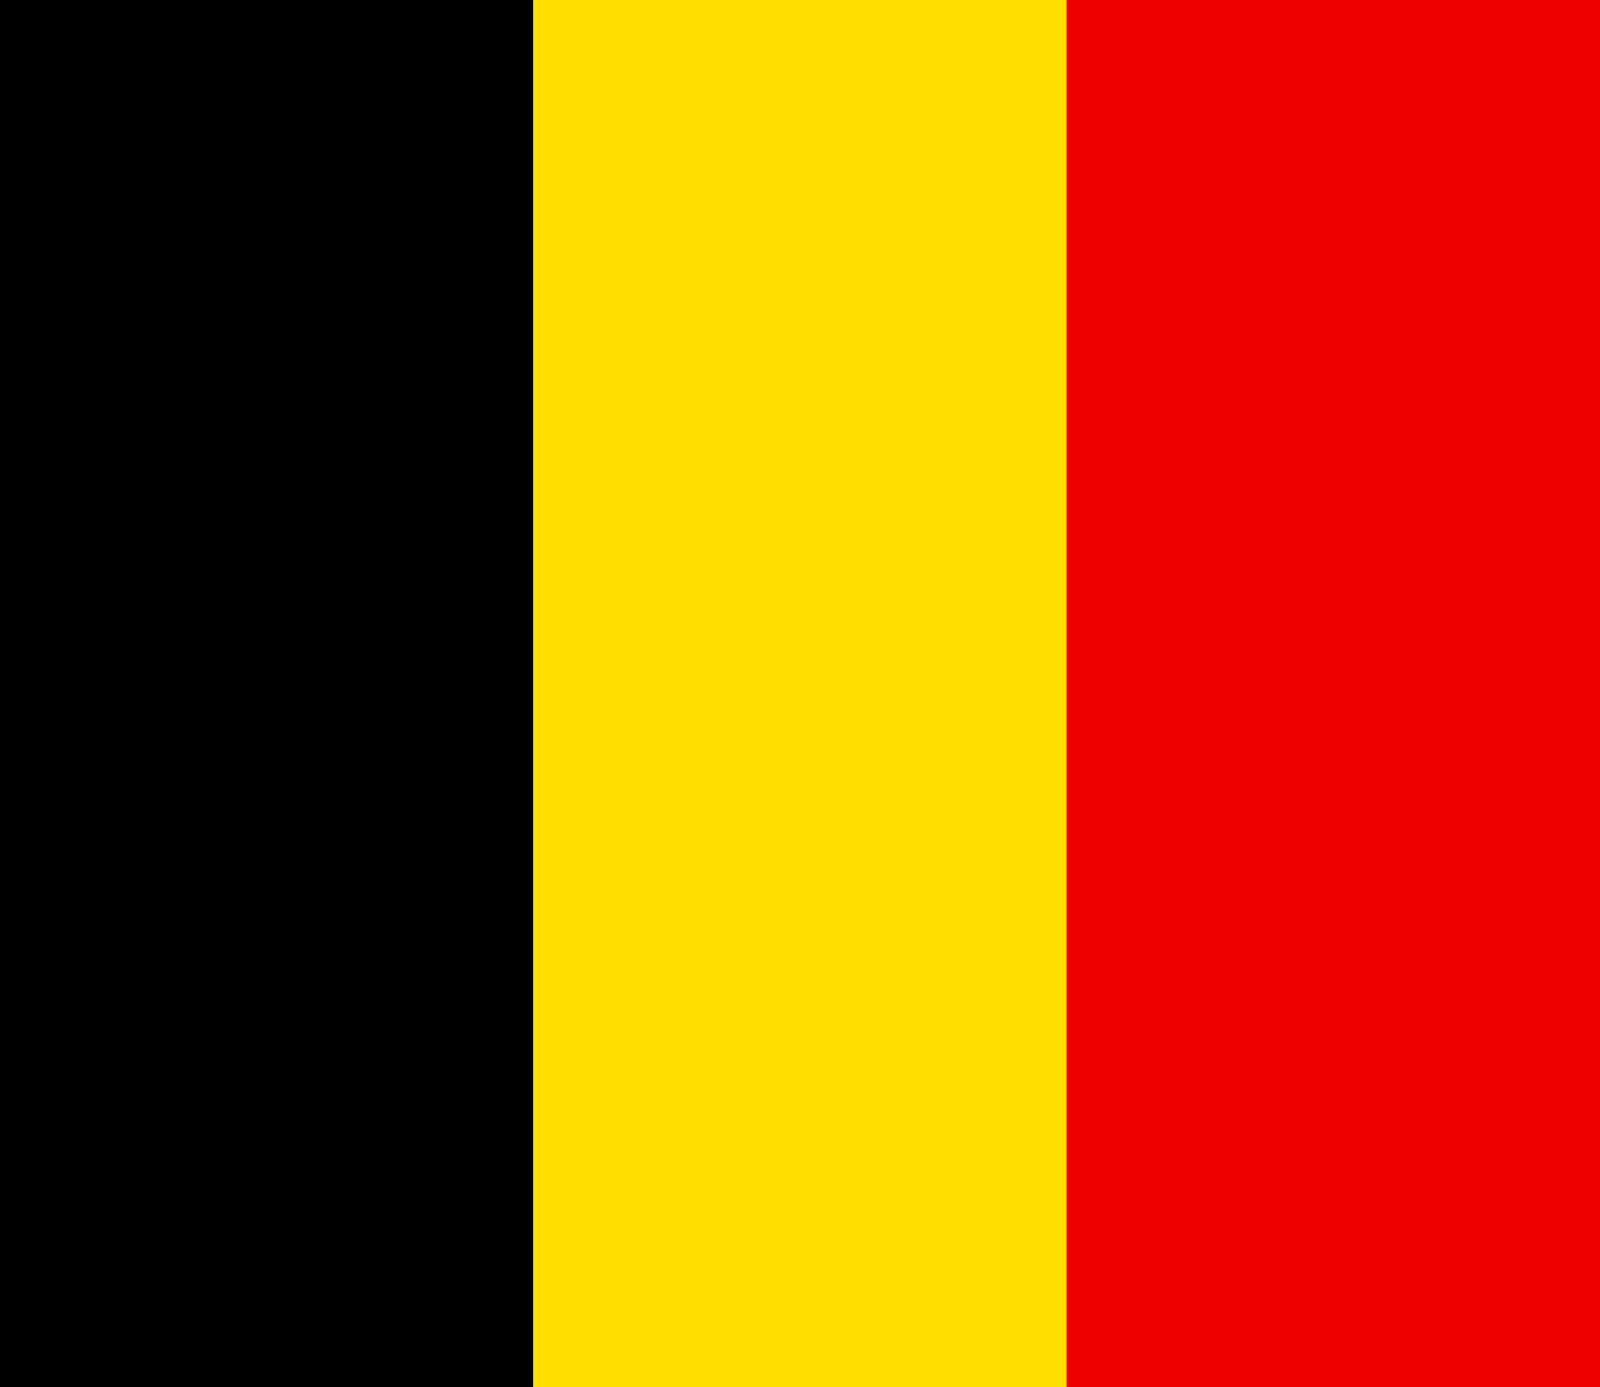 Banderas HD de todos los paises | Banderas del mundo, Banderin y ...